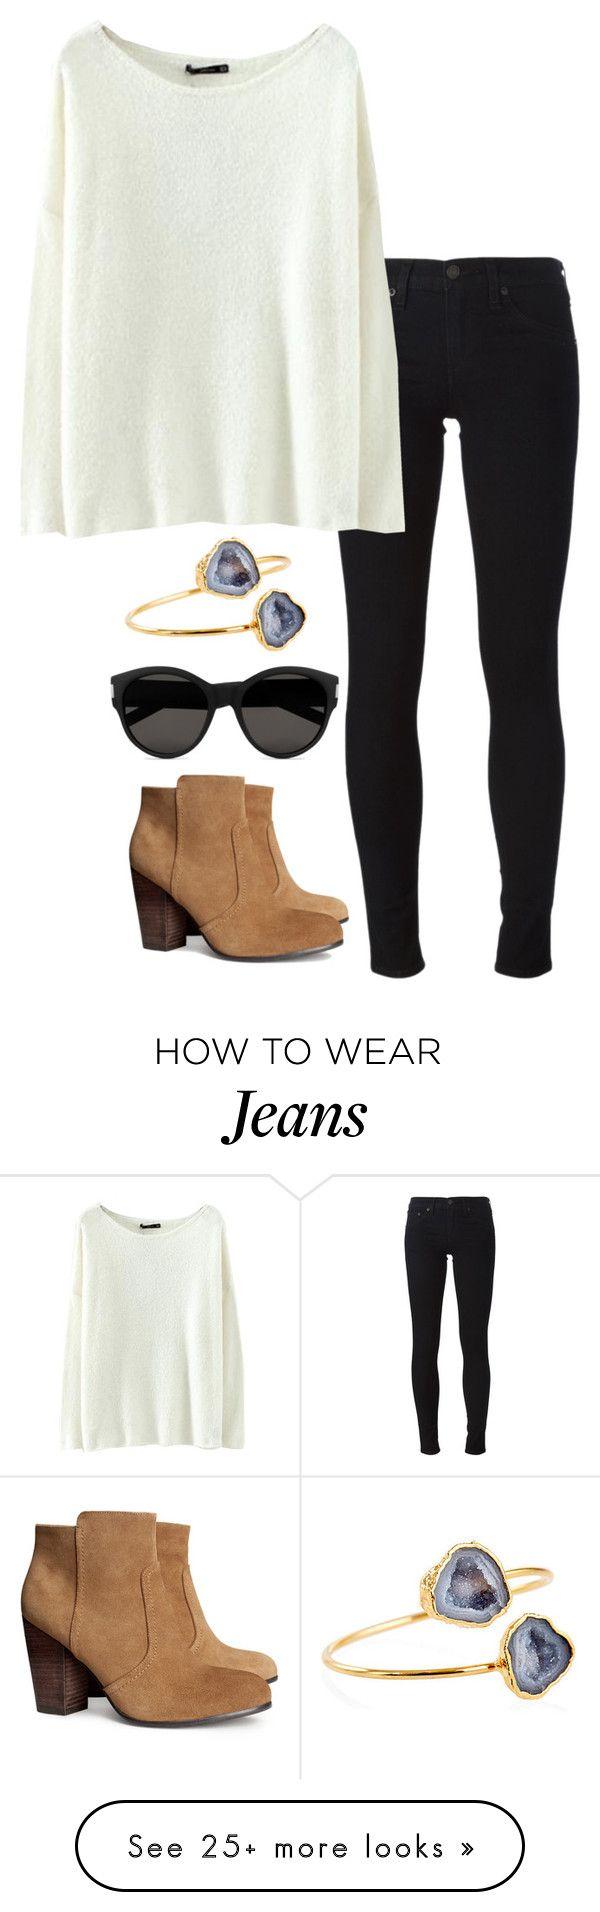 Casual outfit, black jeans, vaqueros negros y botines